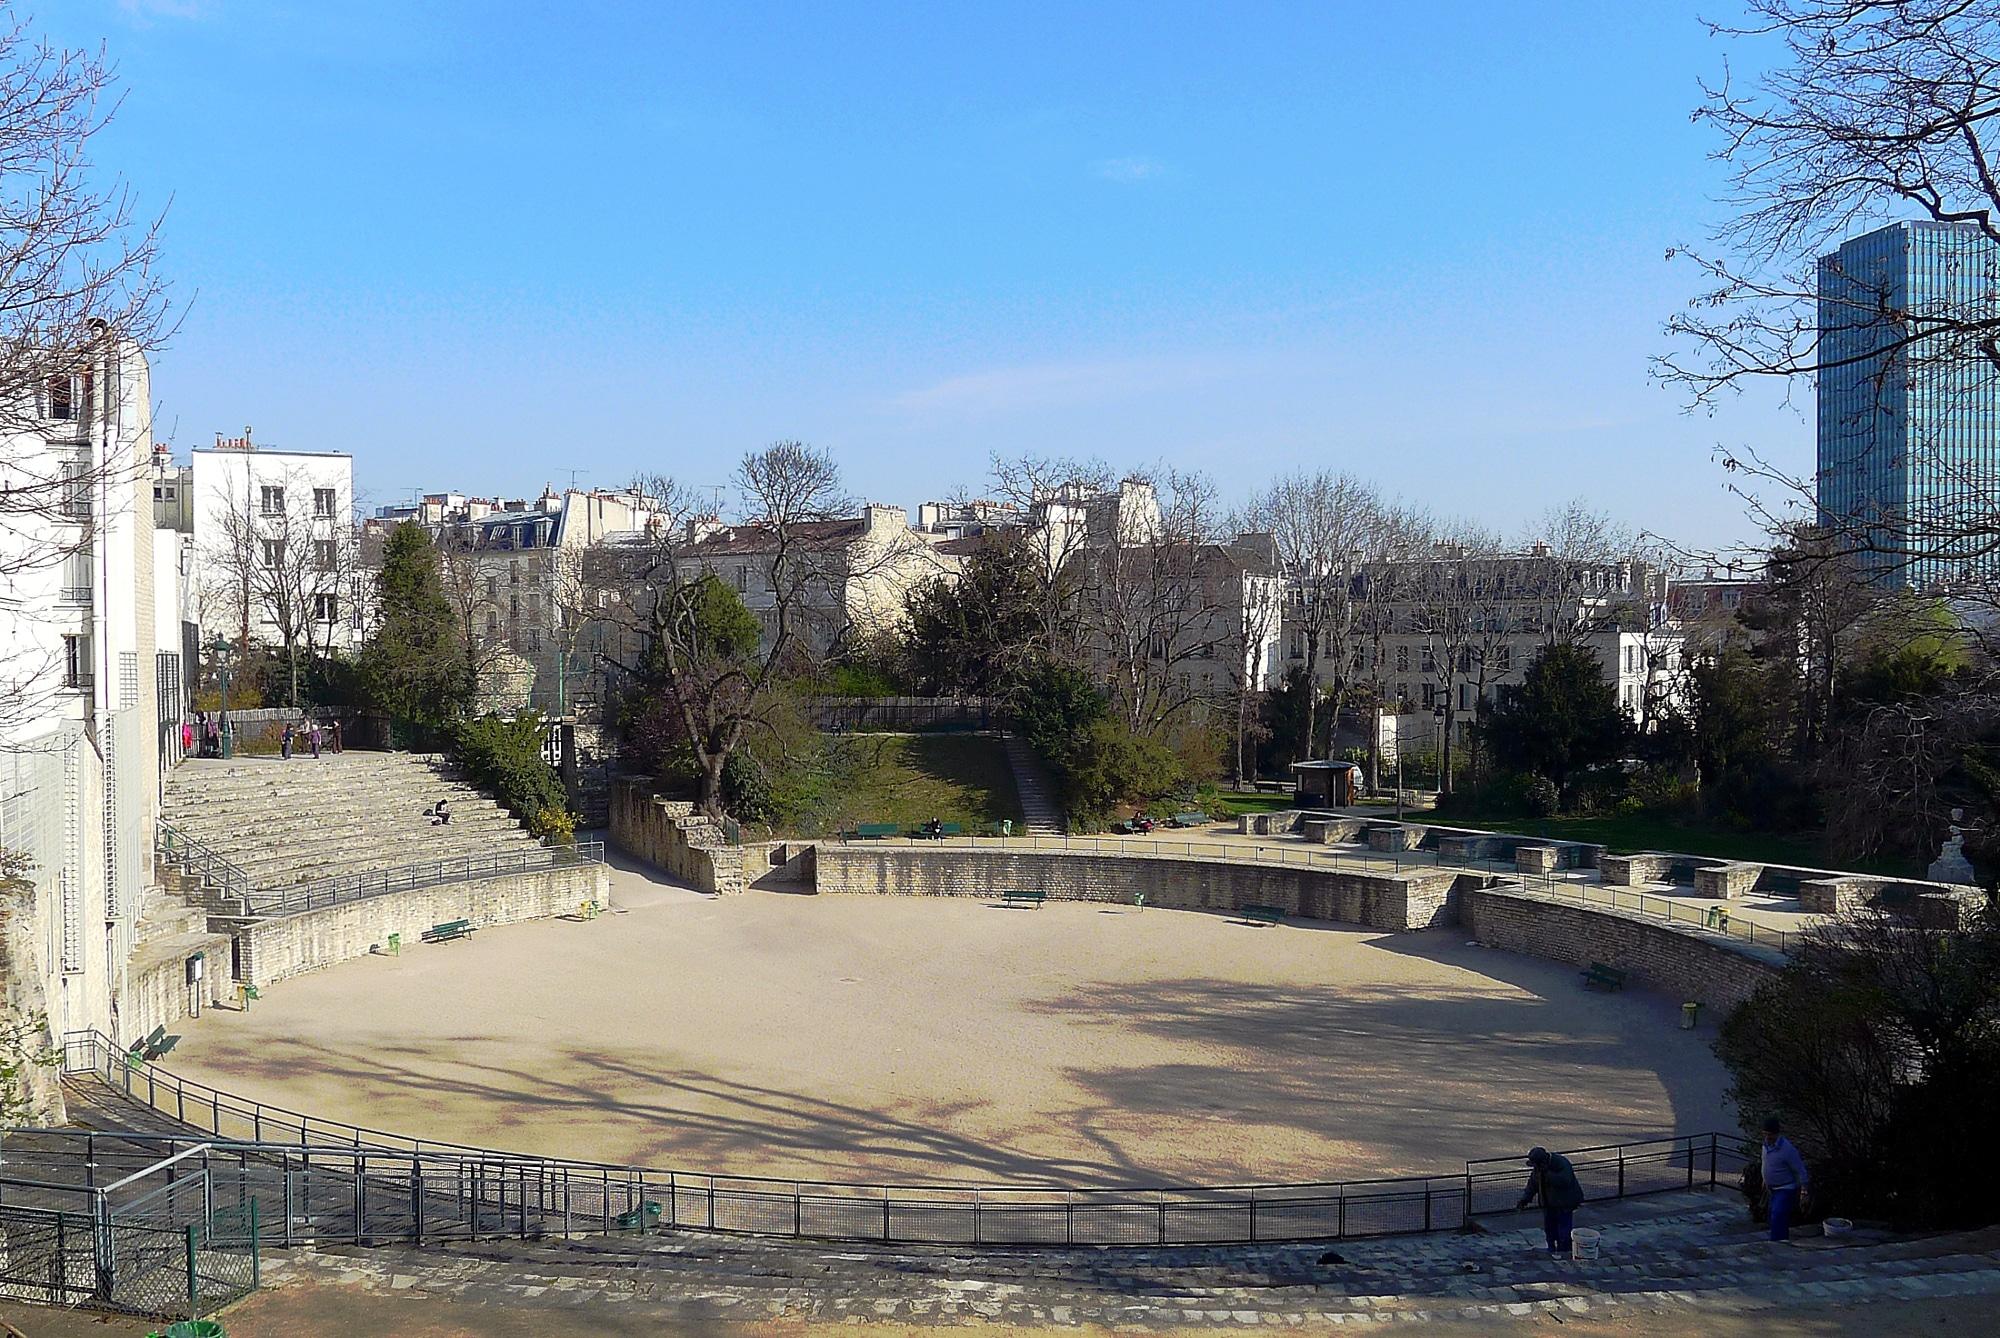 arenes de lutèce histoire paris vestiges ruines gallo romaines bancs parc